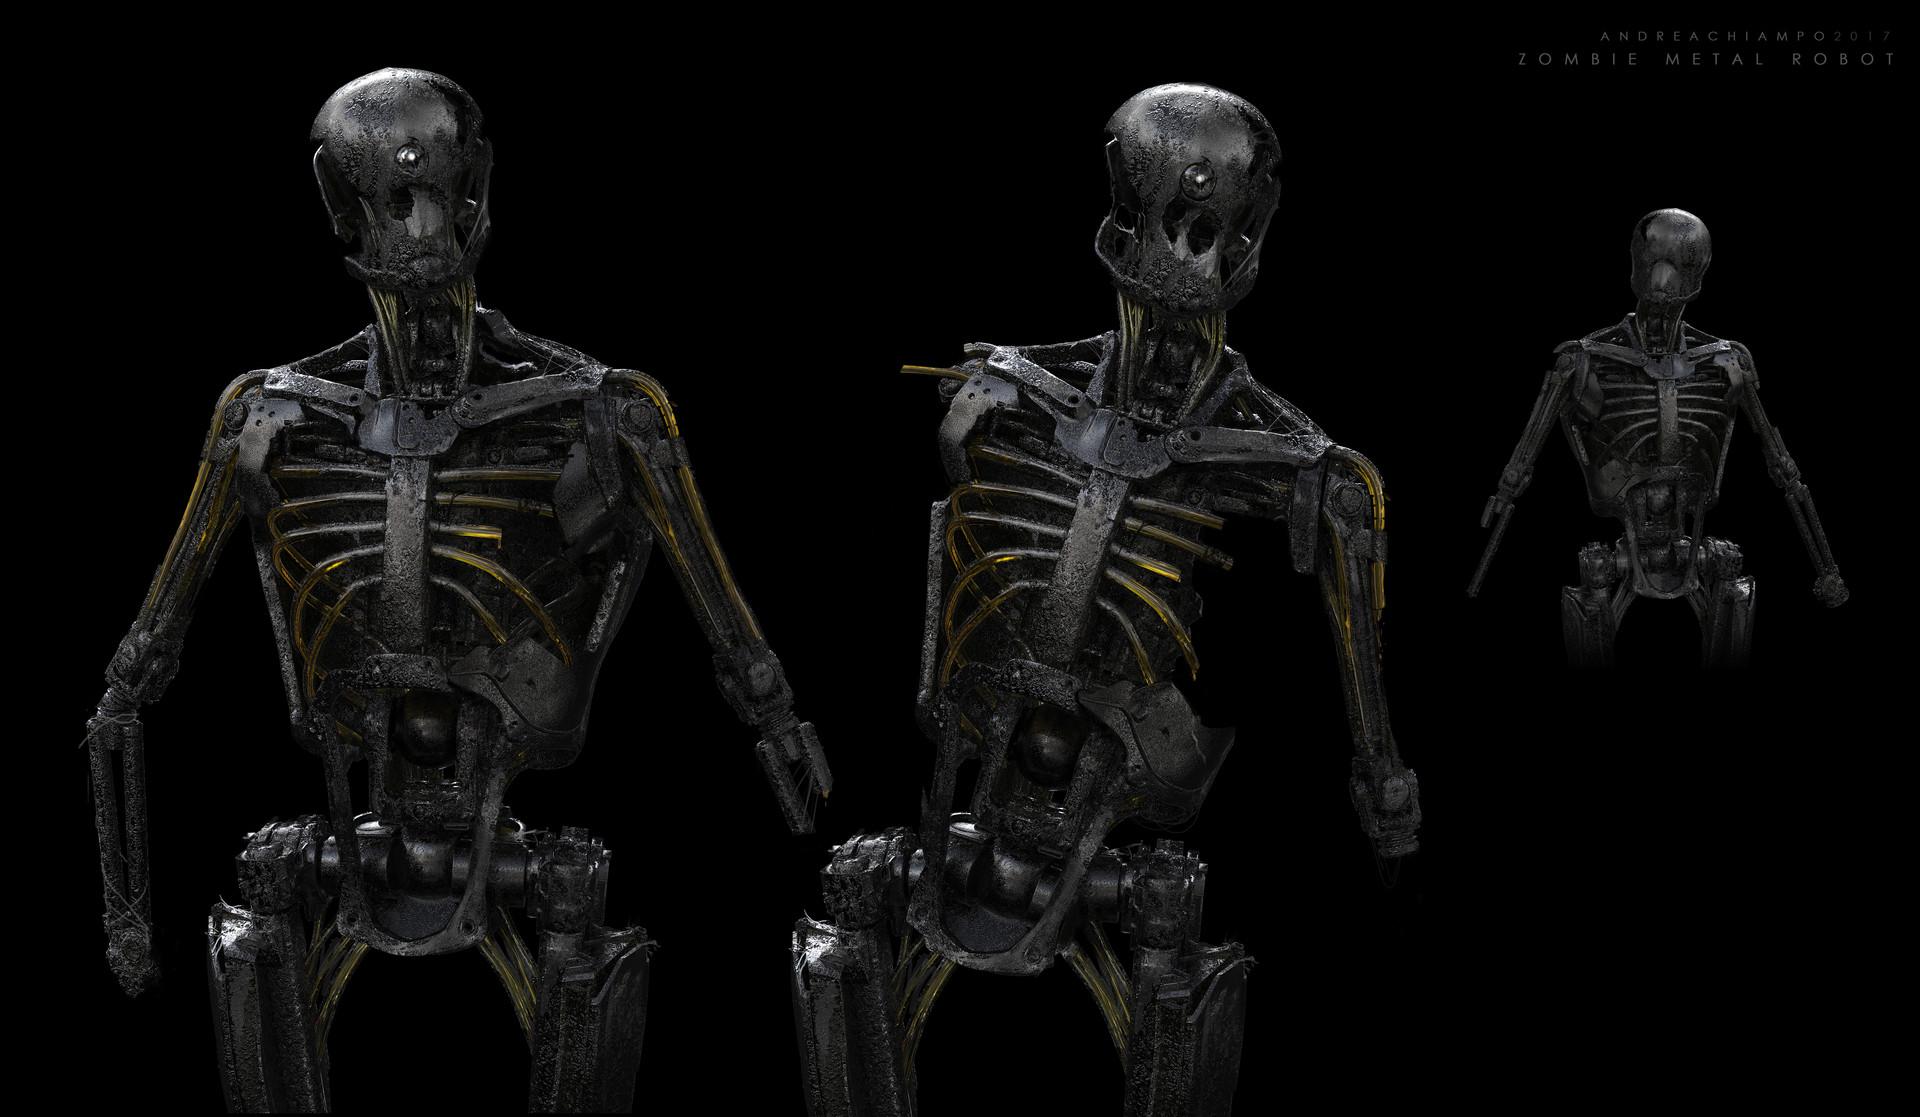 Andrea chiampo andrea chiampo concept design 8 zombie metal robot new